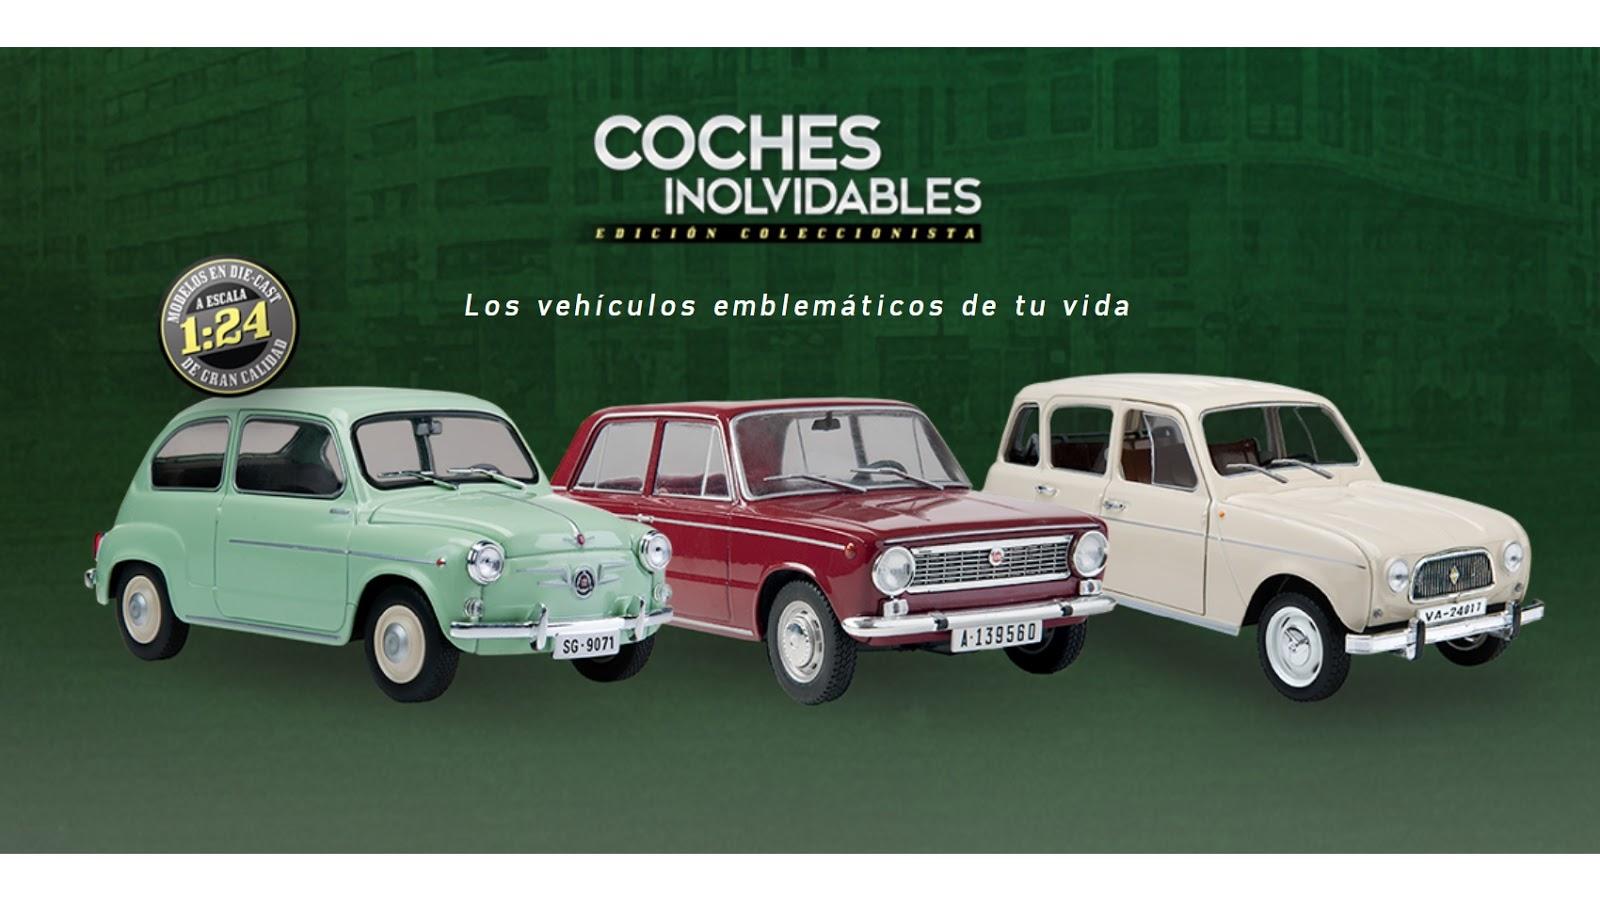 Coches inolvidables 1/24 (Salvat) en España | Colecciones chéveres